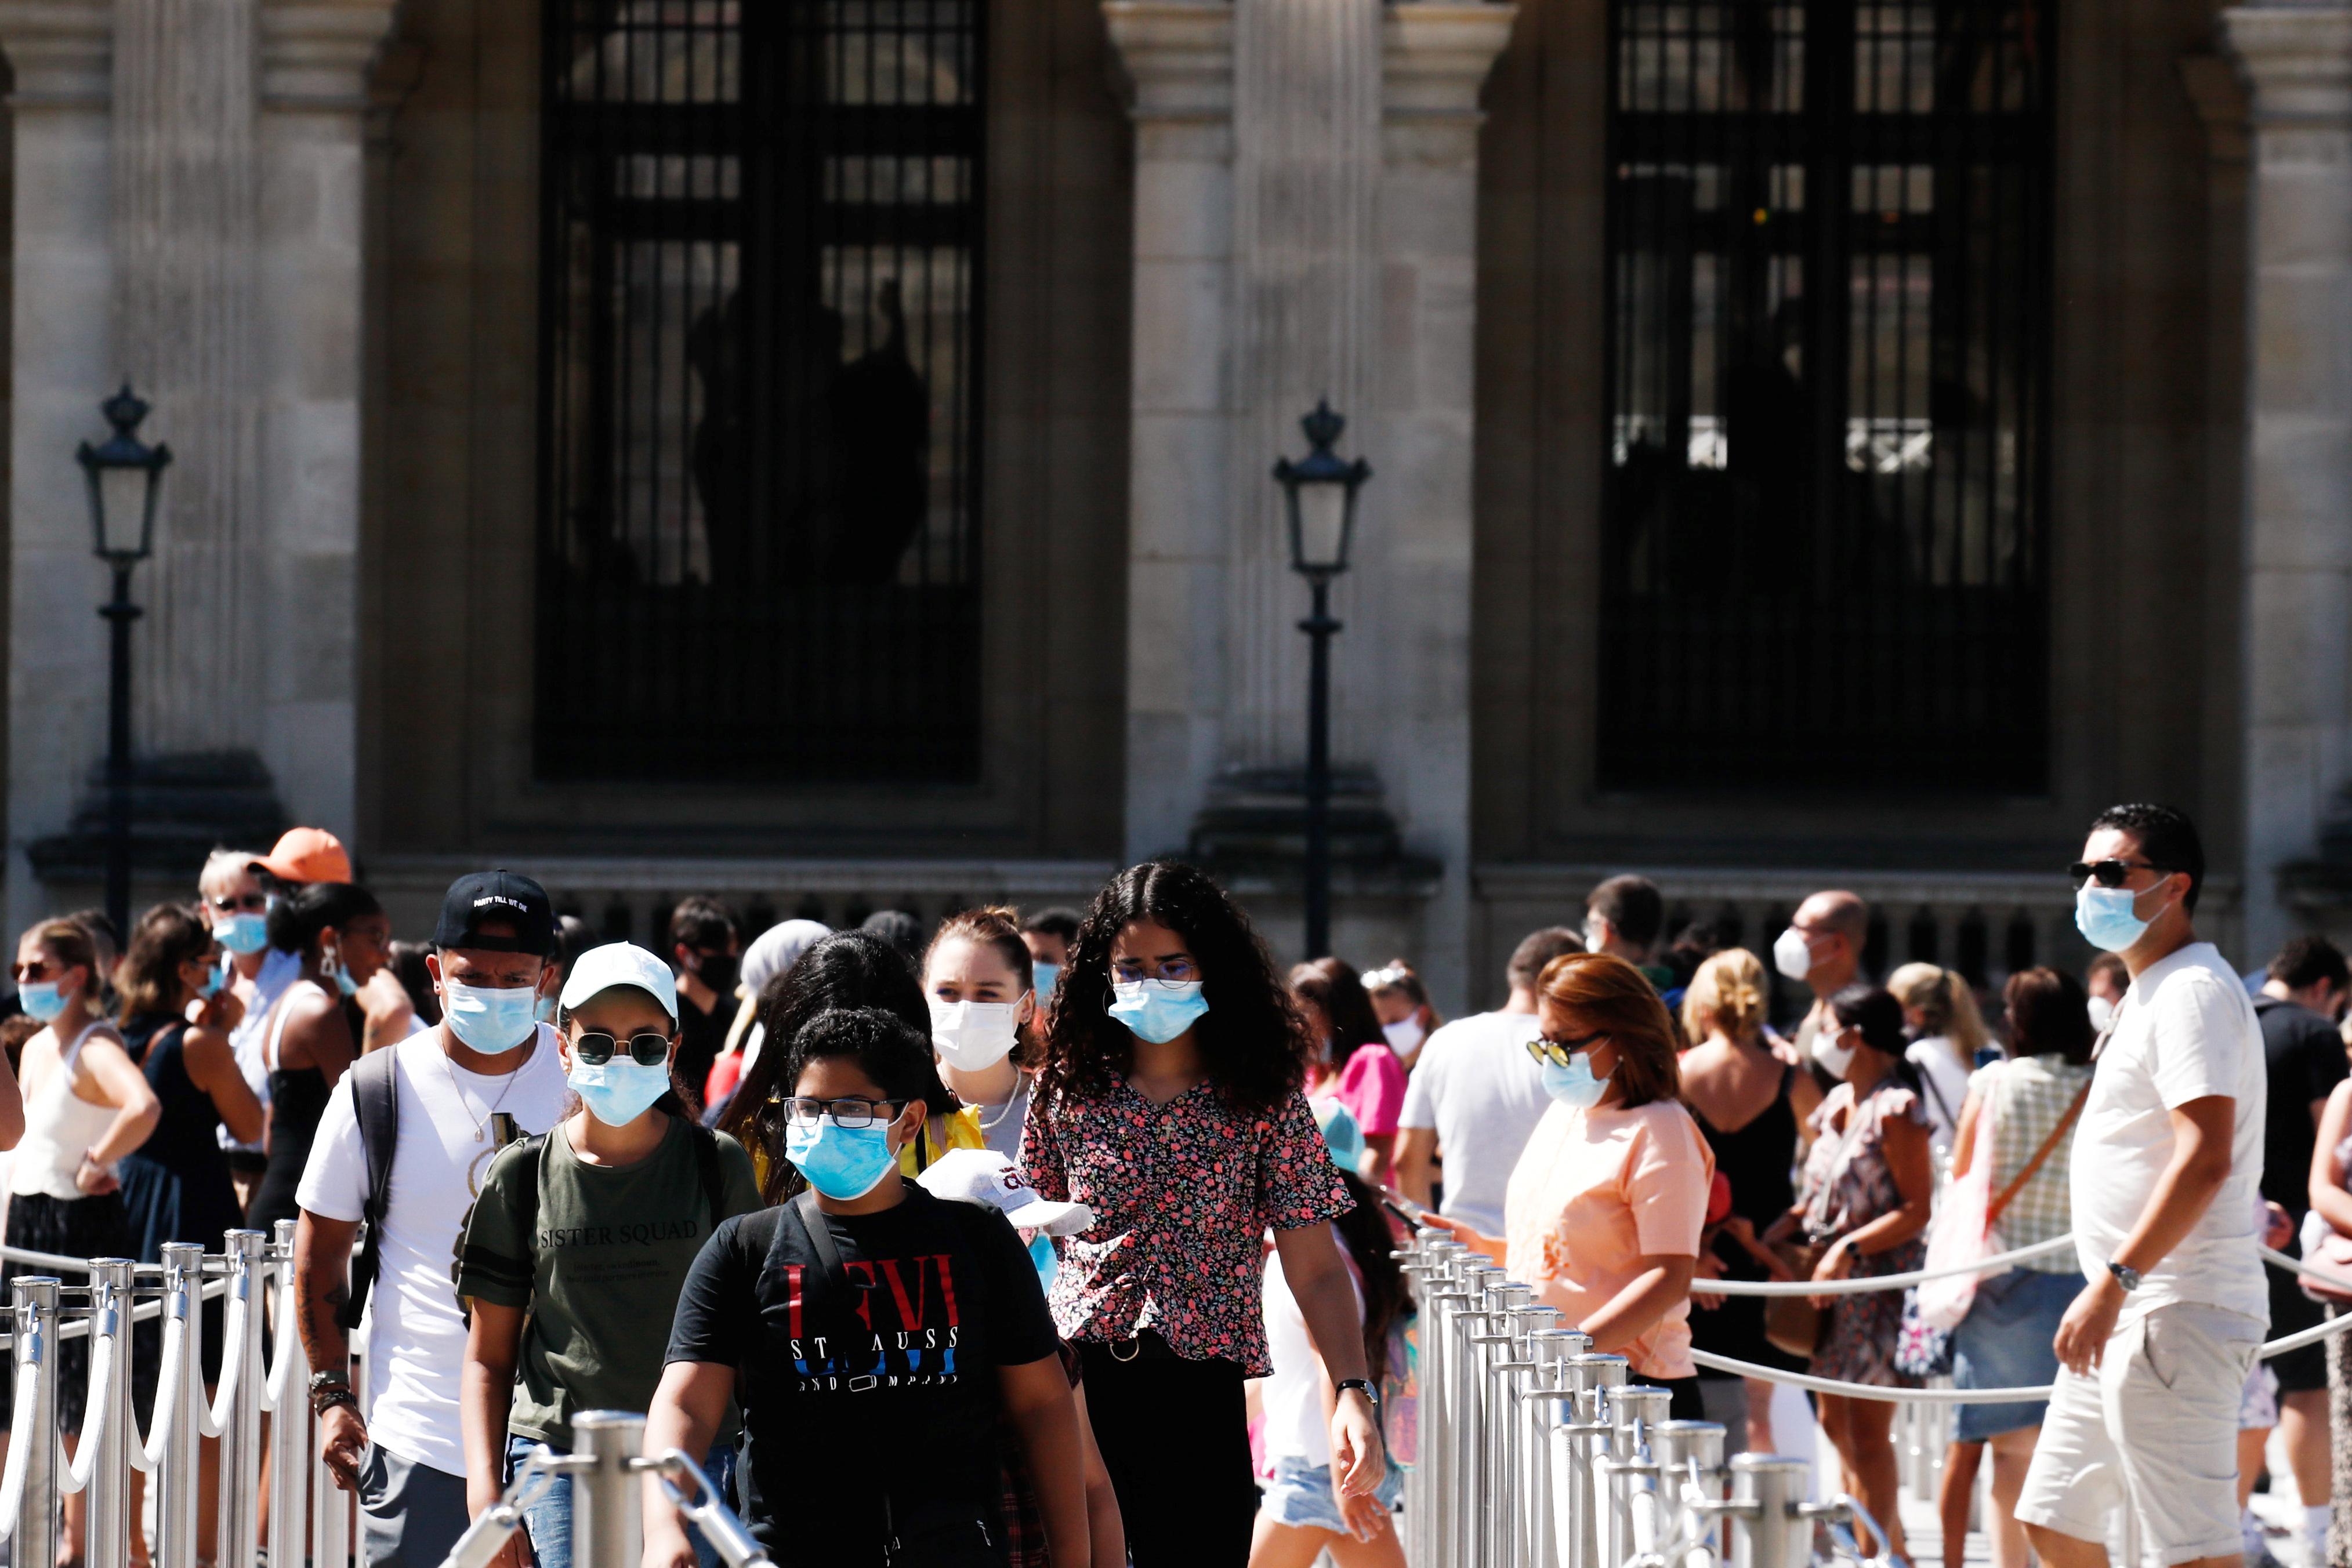 Fransa da iş yerlerinde maske takma zorunluluğu getirildi #7